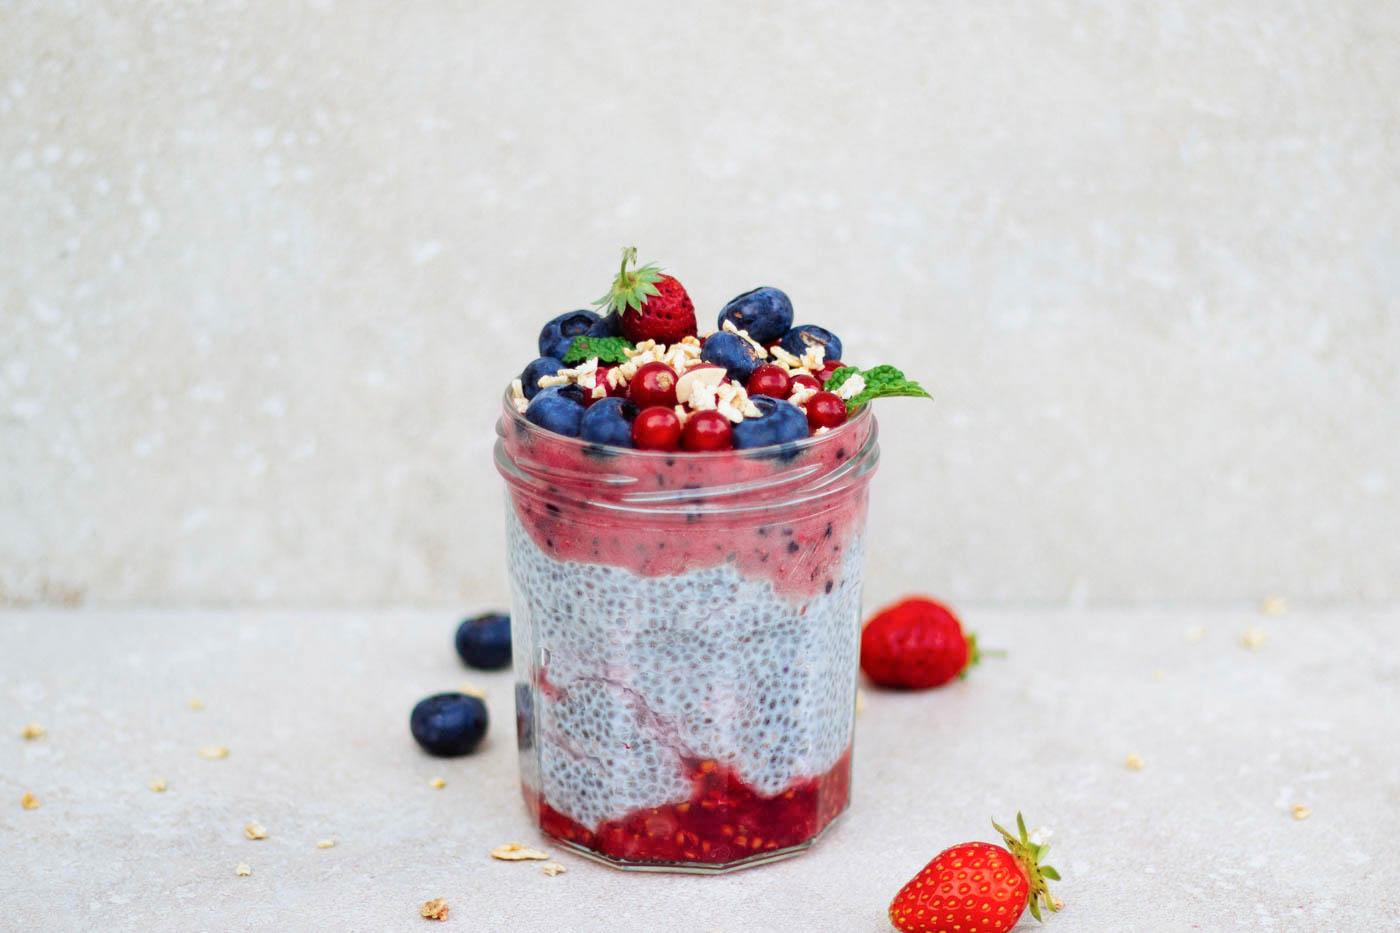 Pudding con semillas de chia y frutas